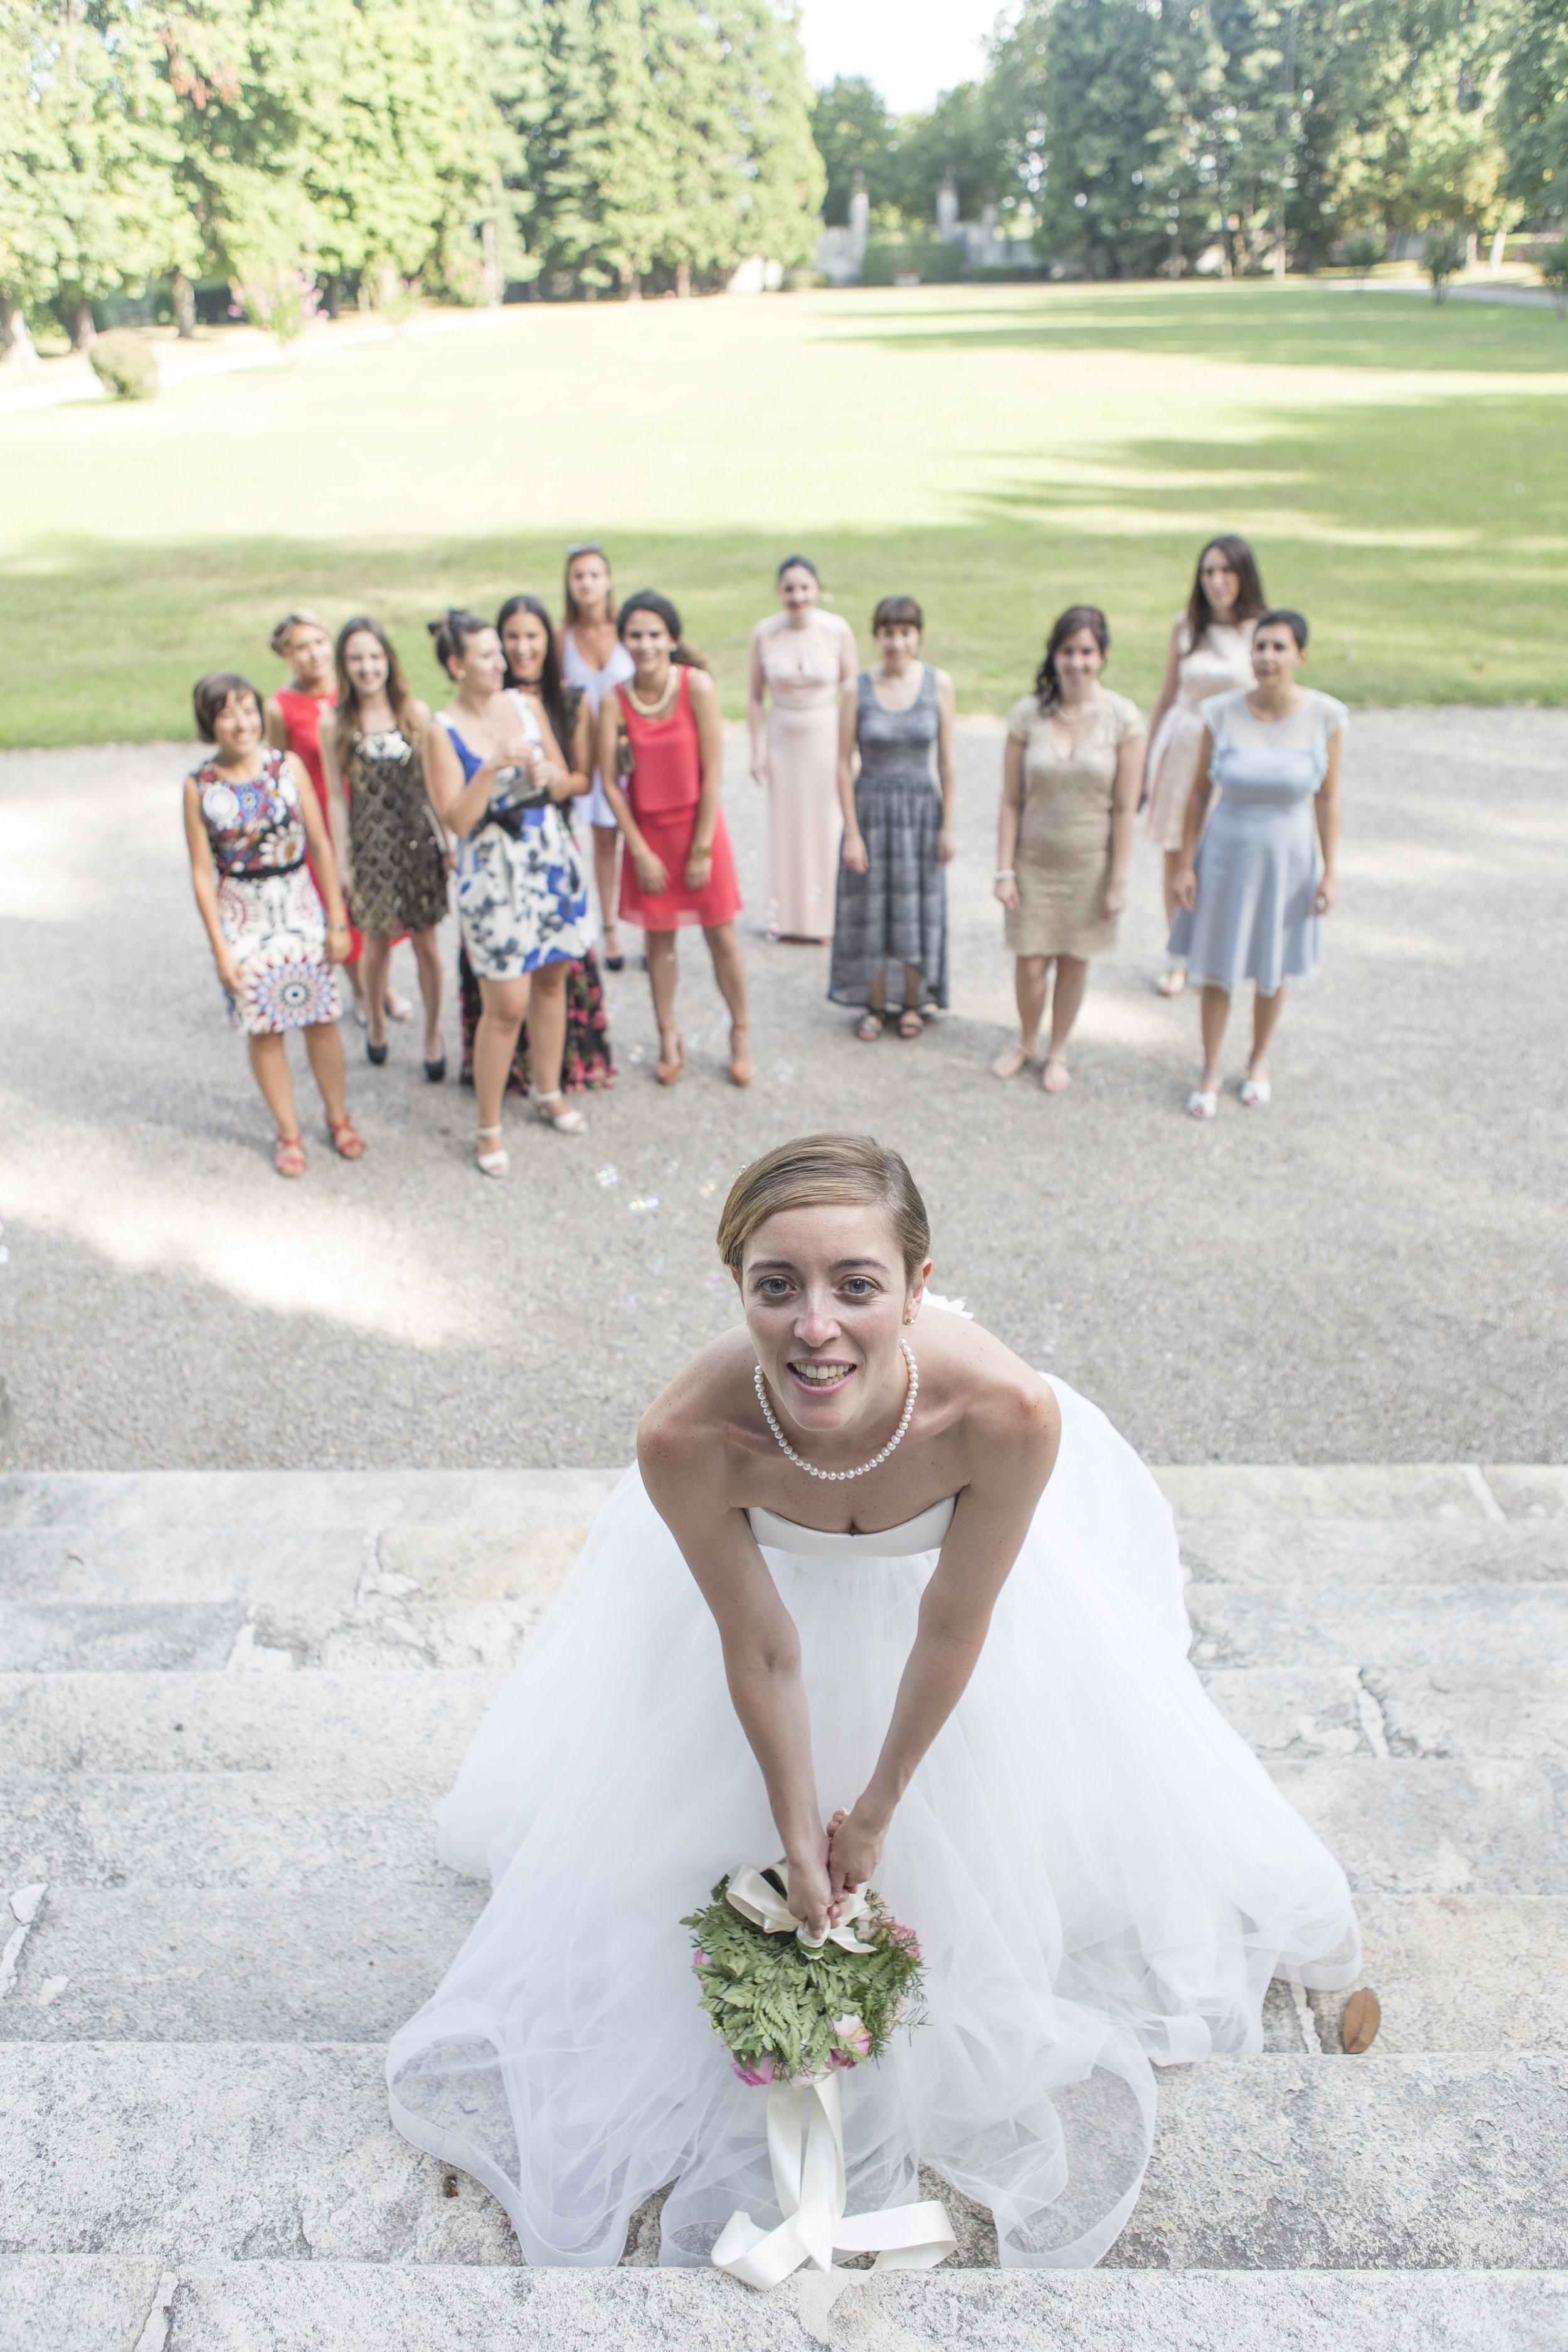 wedding fotografia sposa bouquet lancio matrimonio foto